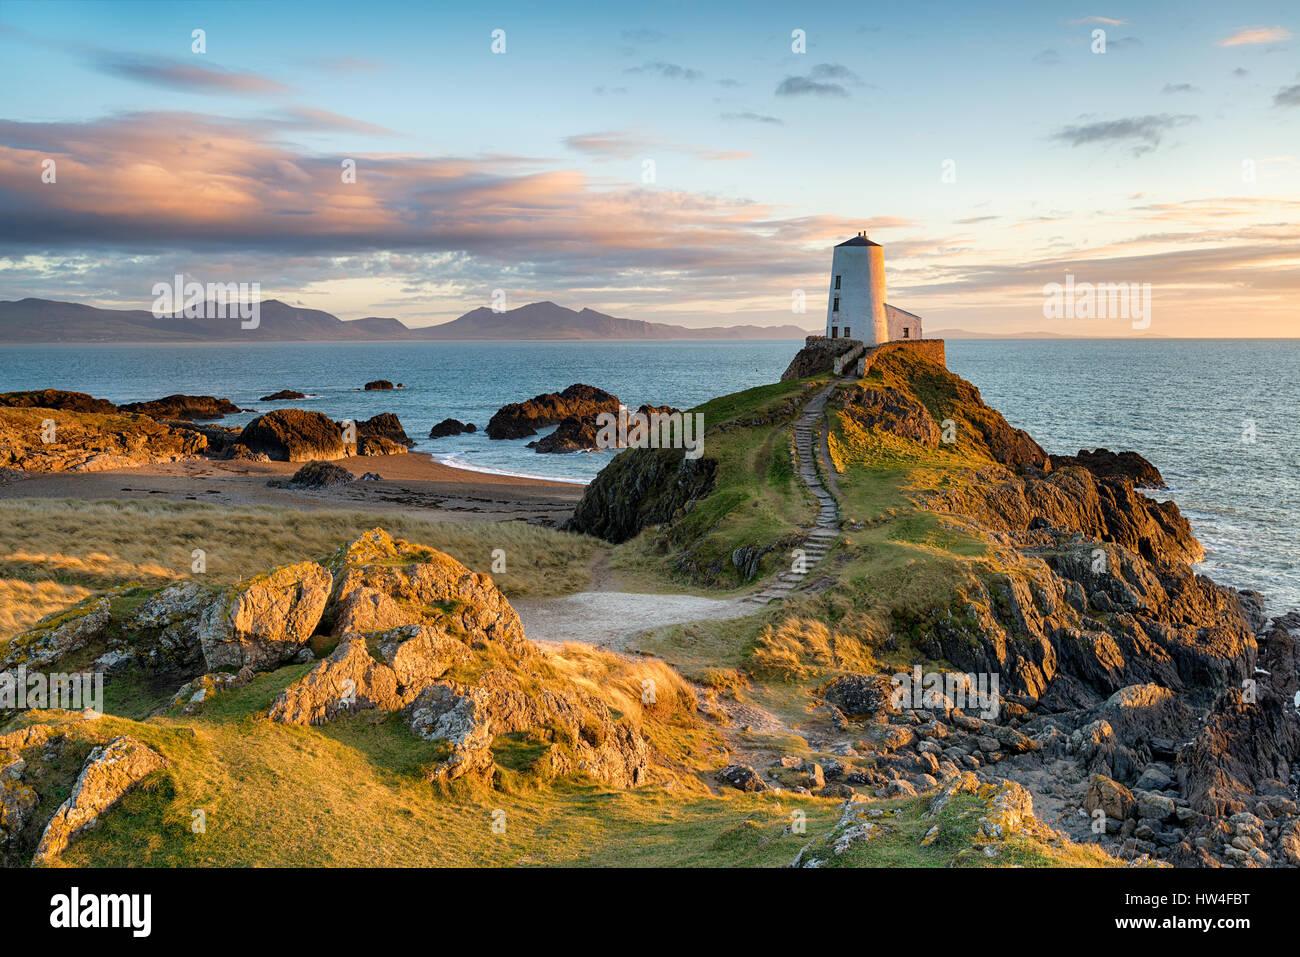 Sonnenuntergang am Ynys Llanddwyn Insel auf der Küste von Anglesey im Norden von Wales die Berge von Snowdonia Stockbild